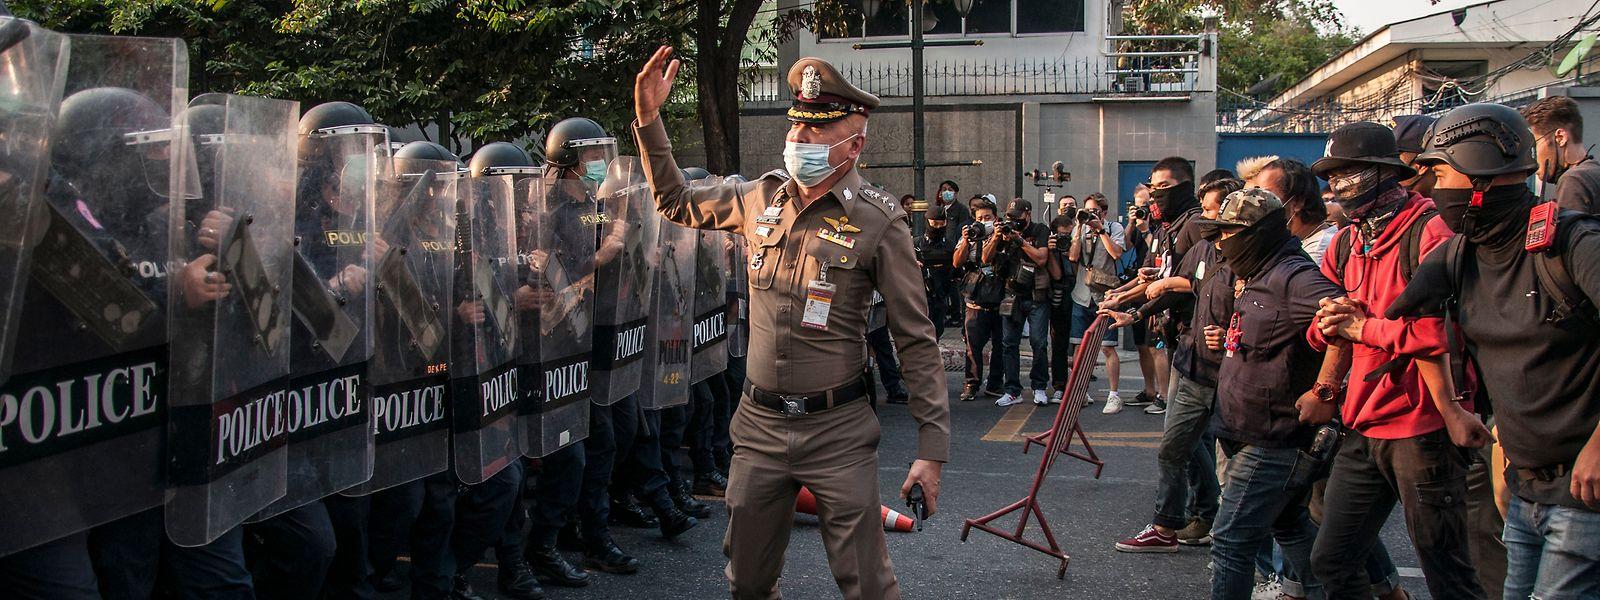 Bei landesweiten Demonstrationen in 44 Städten wurden alleine am Samstag mindestens 114 Menschen getötet.